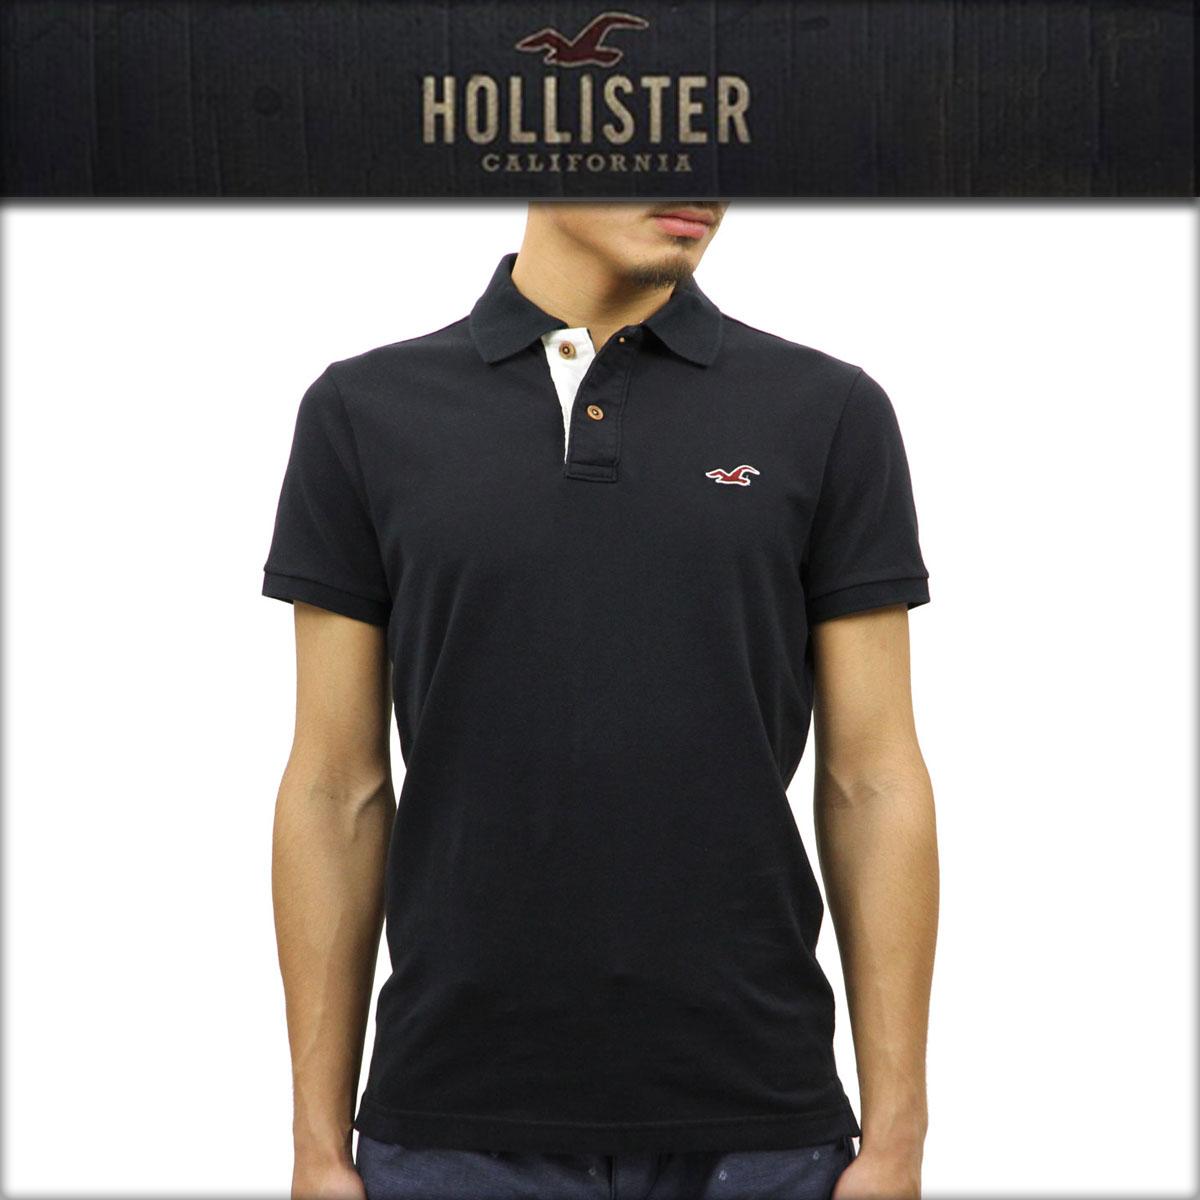 ホリスター HOLLISTER 正規品 メンズ 半袖ポロシャツ 父の日 Stretch Pique Icon Polo 321-364-0602-900